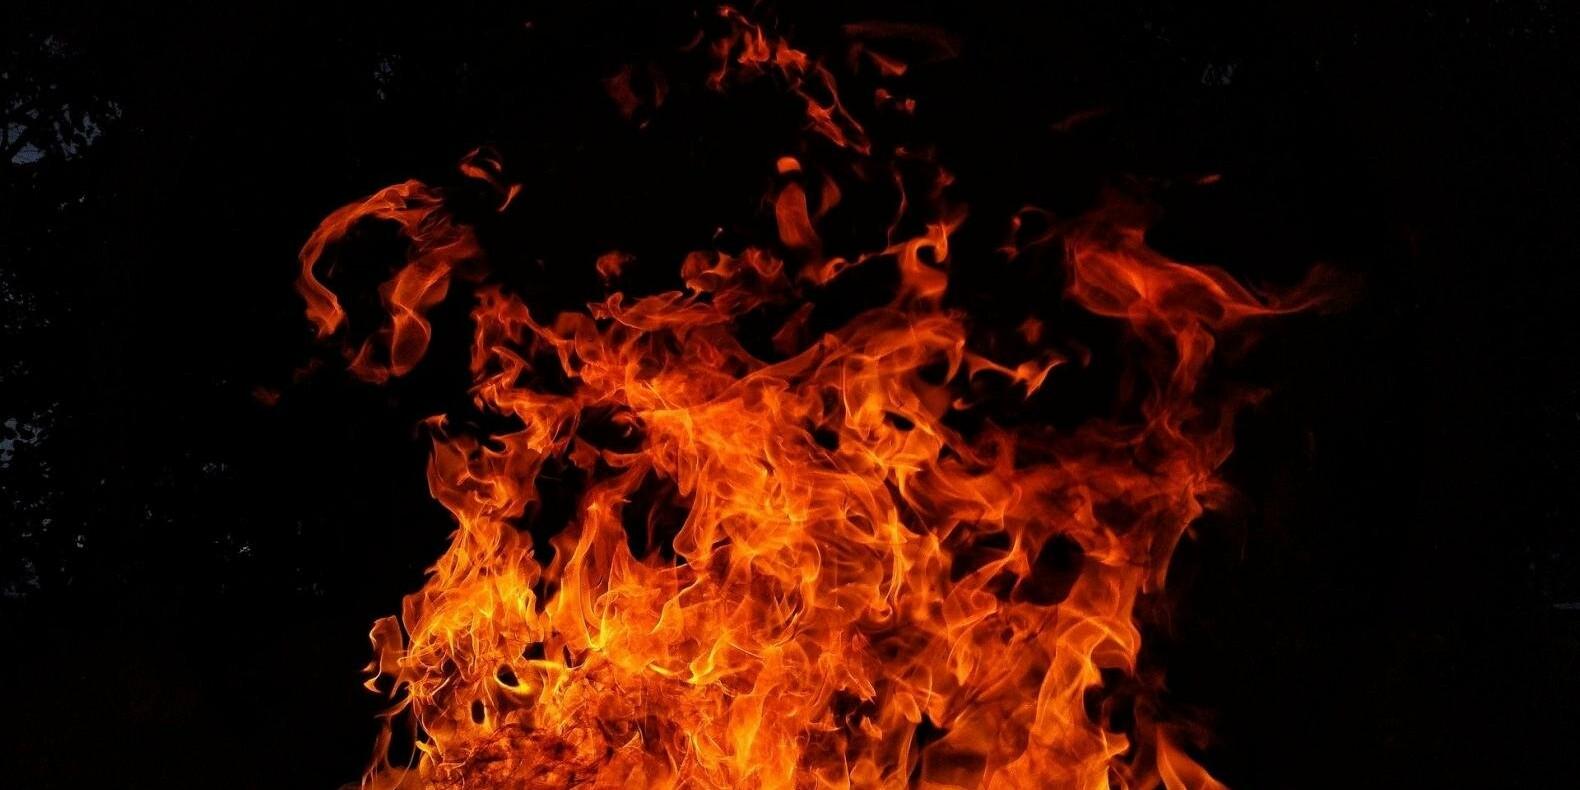 Склад с памперсами горел в Алматы